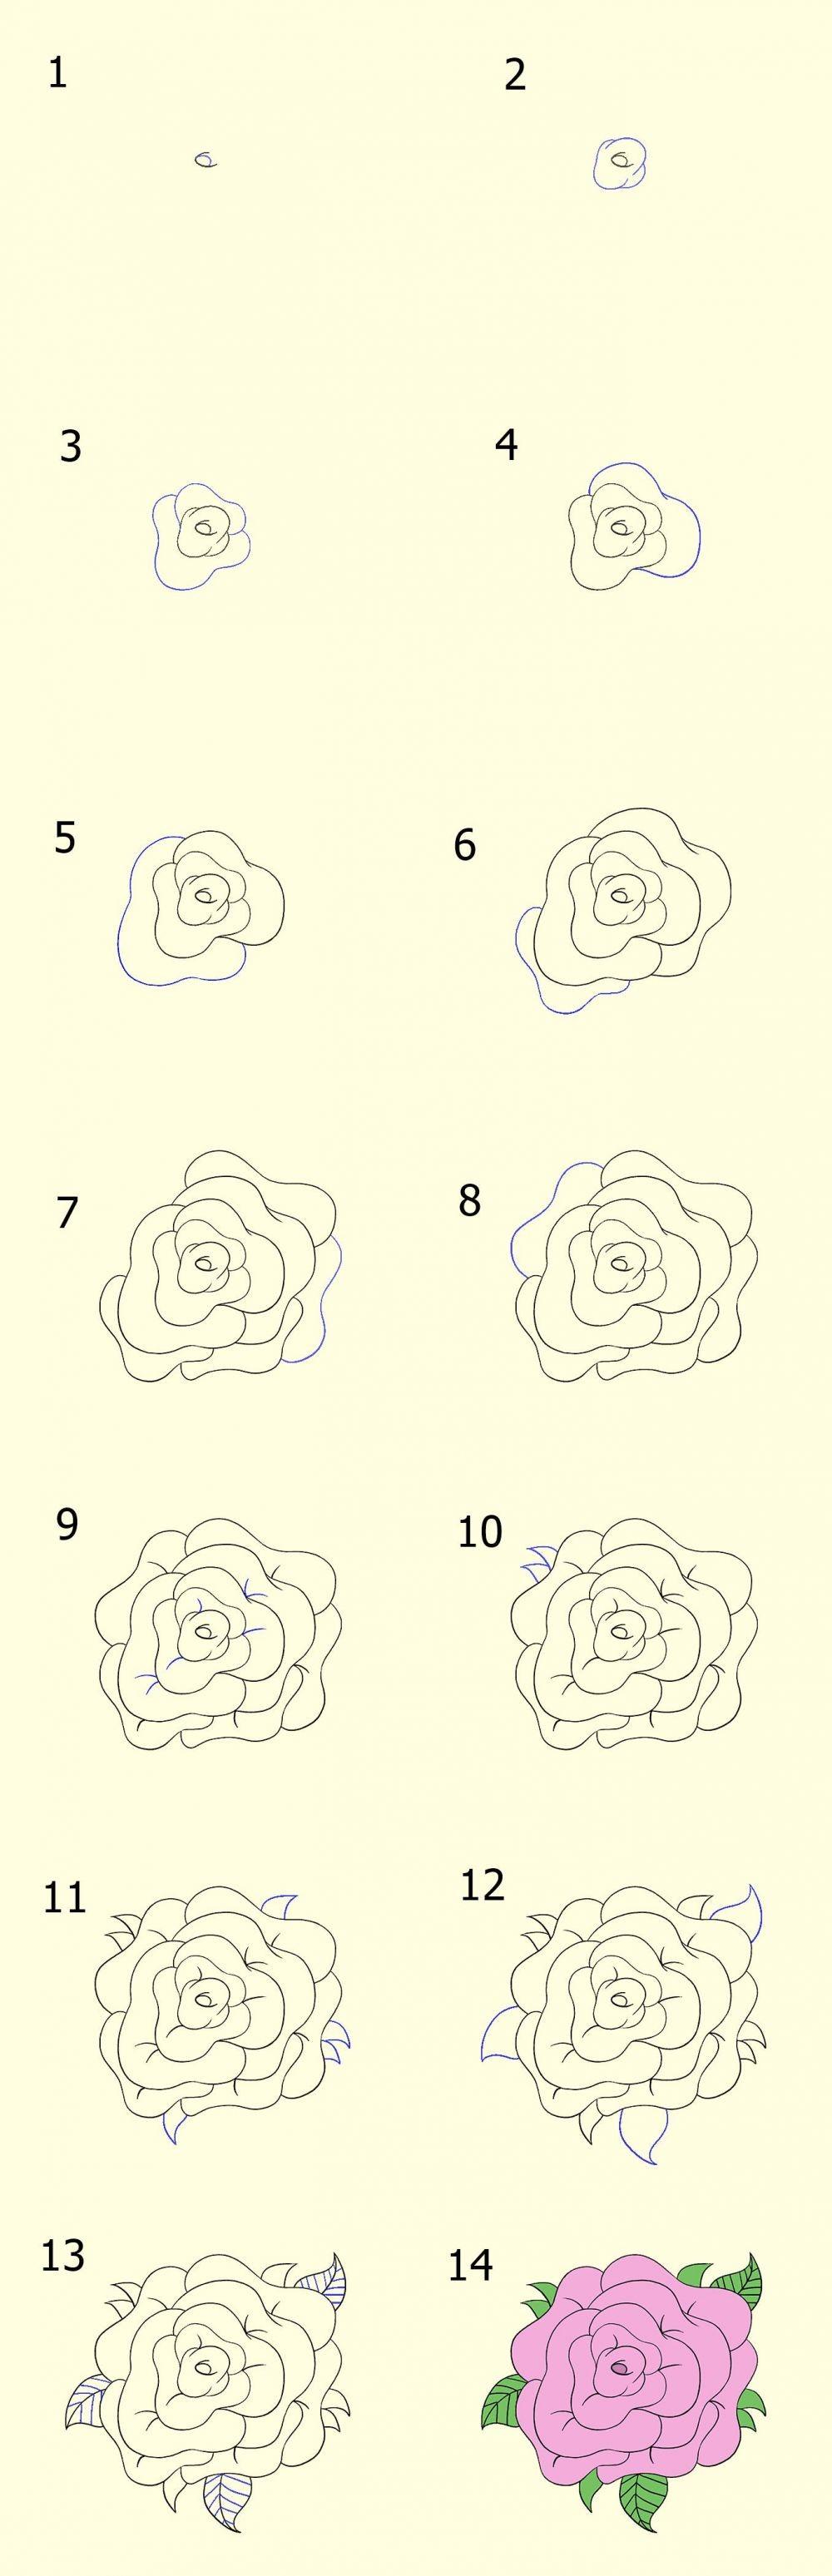 Menggambar Bunga Mawar : menggambar, bunga, mawar, Menggambar, Sketsa, Bunga, Simple, Mudah, Ditiru